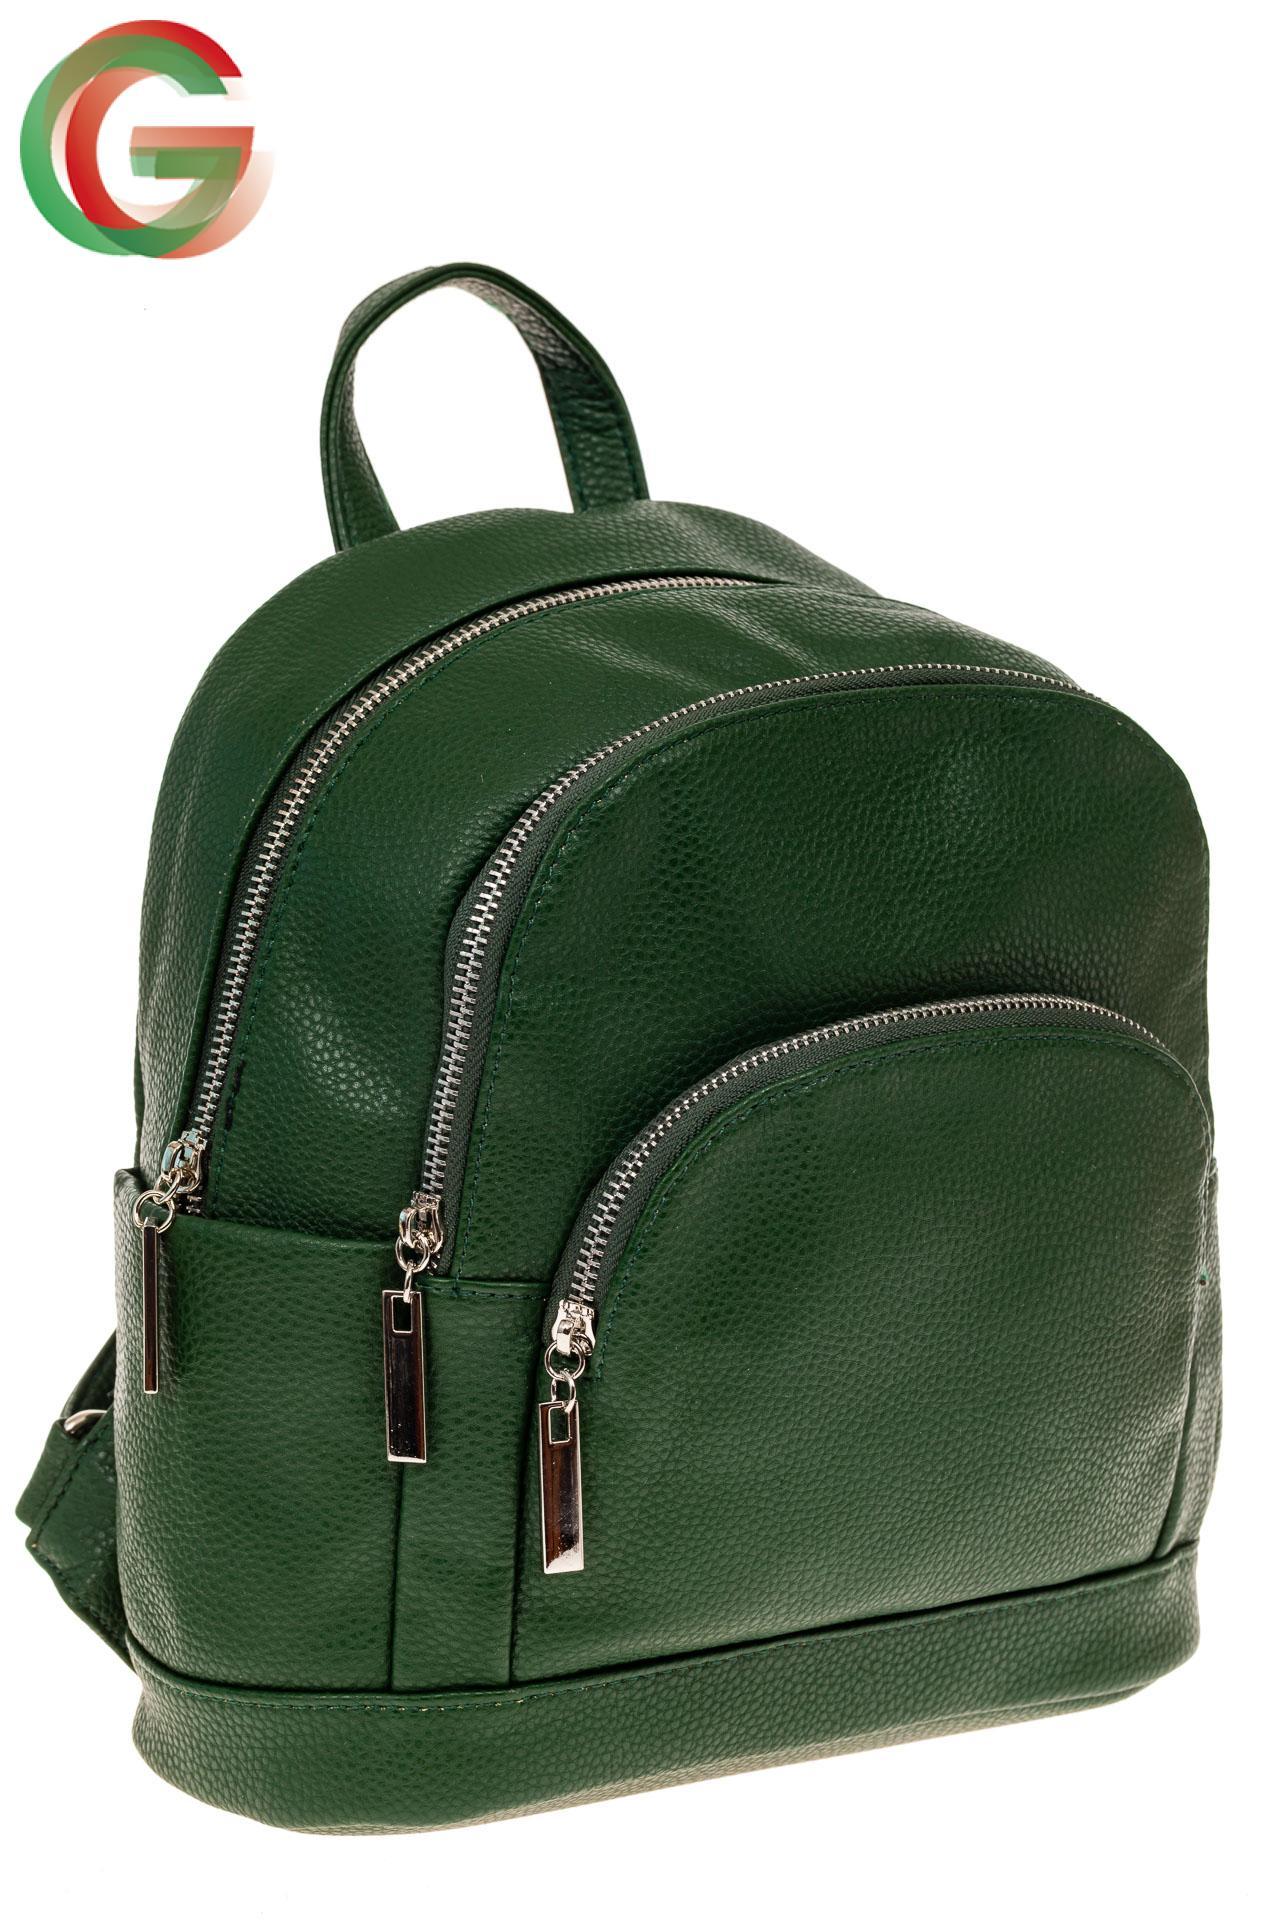 94e44ca83dd8 Женский рюкзак из натуральной кожи, цвет черный